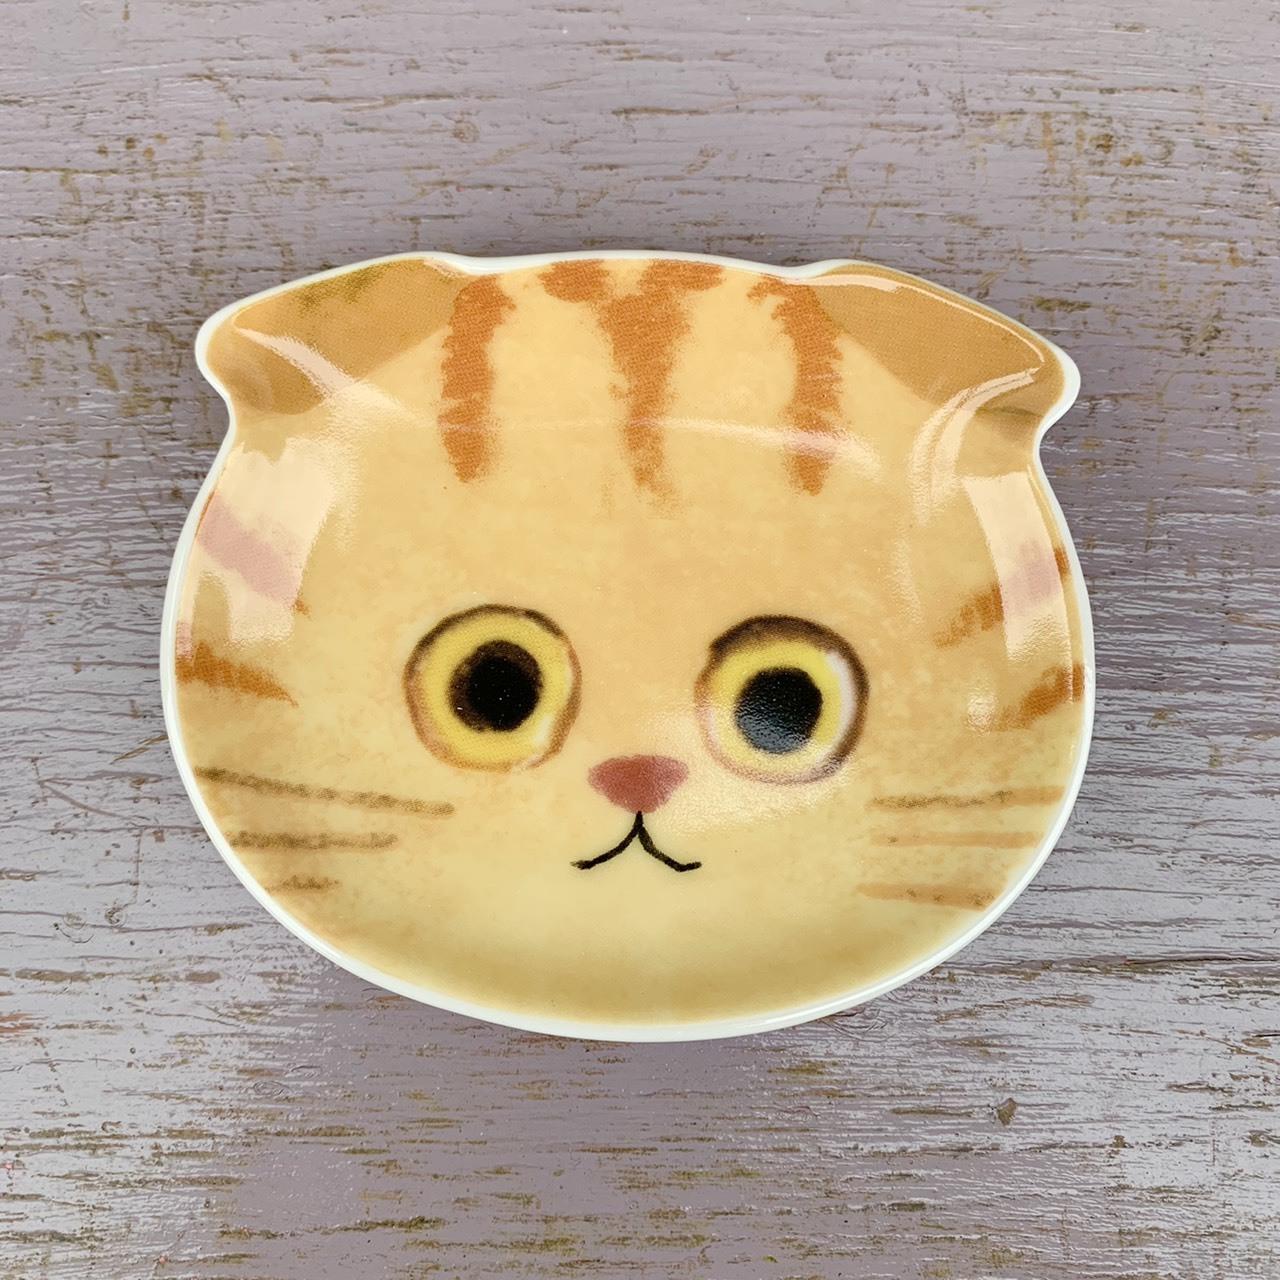 E.minette 豆皿「スコティッシュちゃとら」